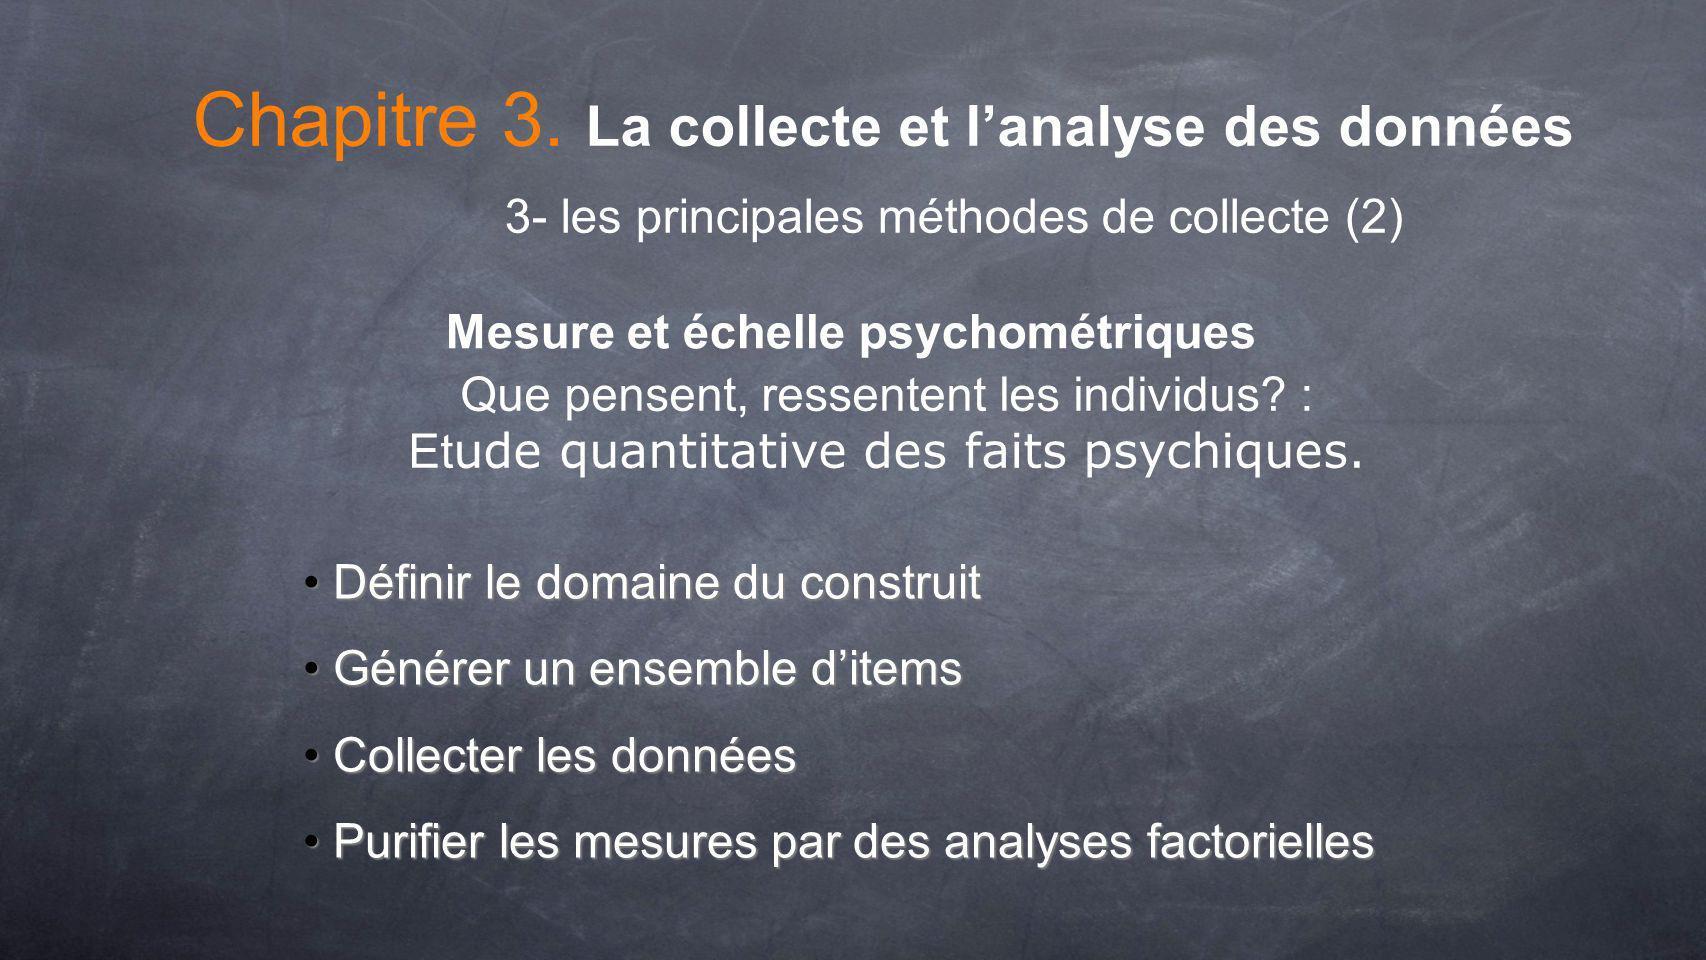 Mesure et échelle psychométriques Que pensent, ressentent les individus? : Et ude quantitative des faits psychiques. Définir le domaine du construit D